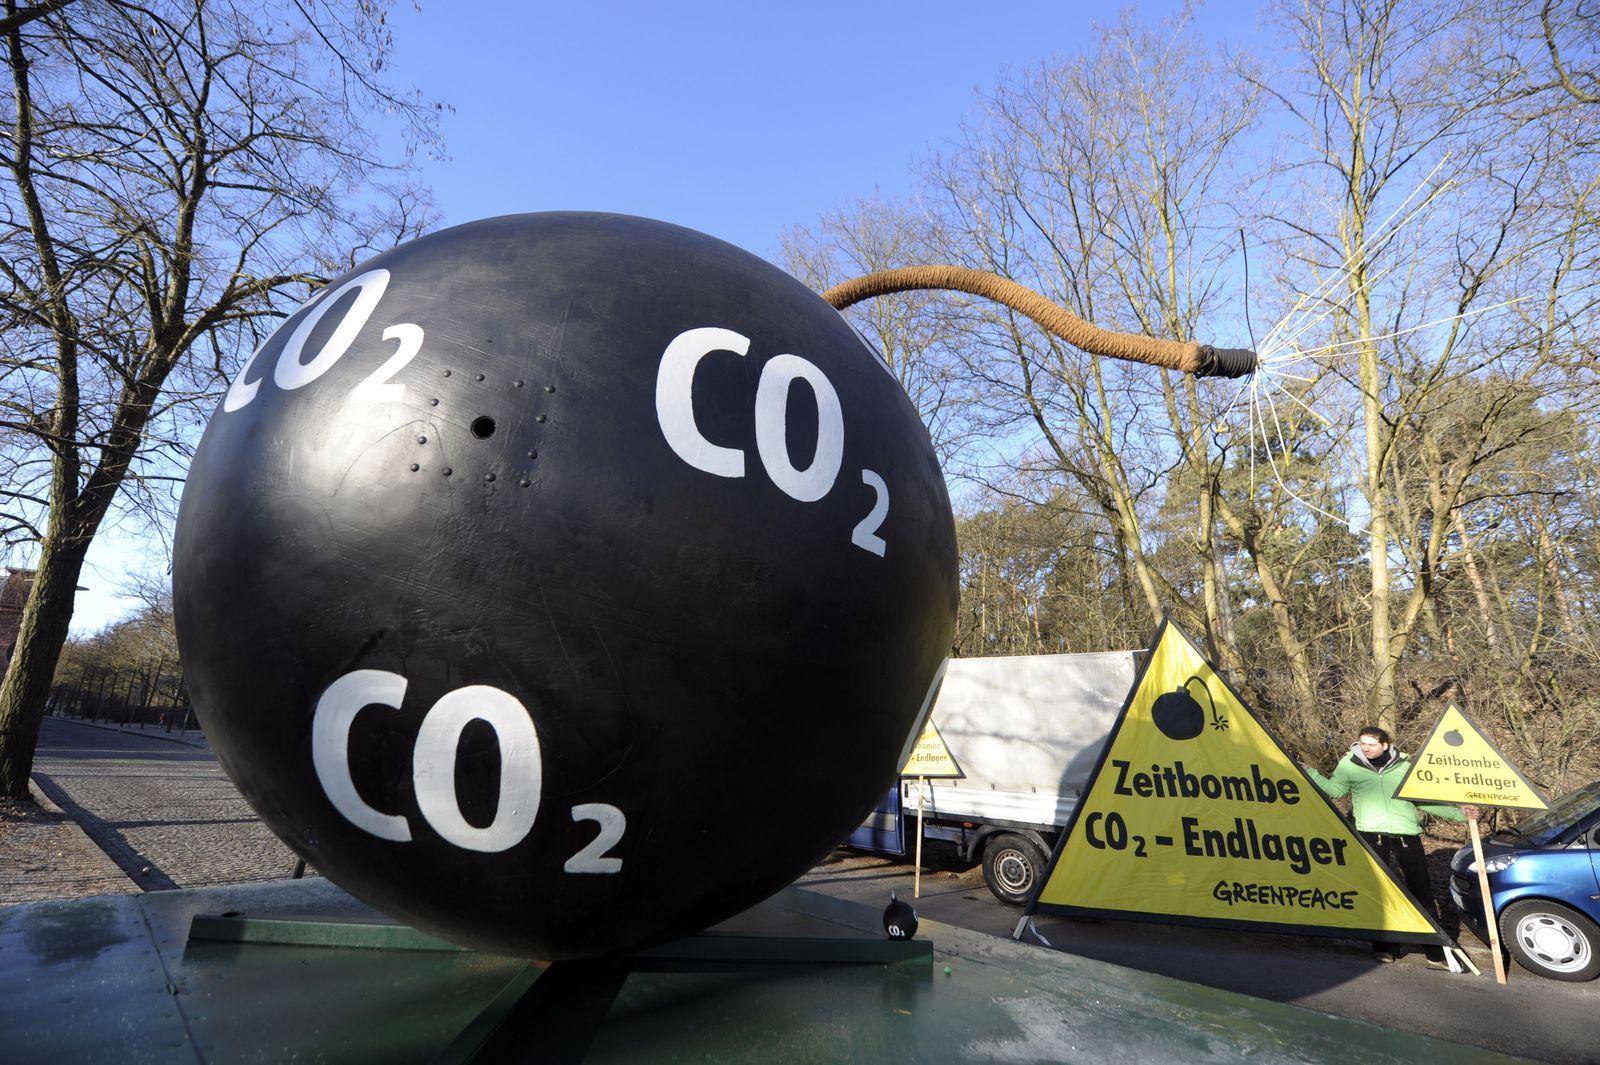 NICHT VERWENDEN CCS-Technologie / CO2 / Protest